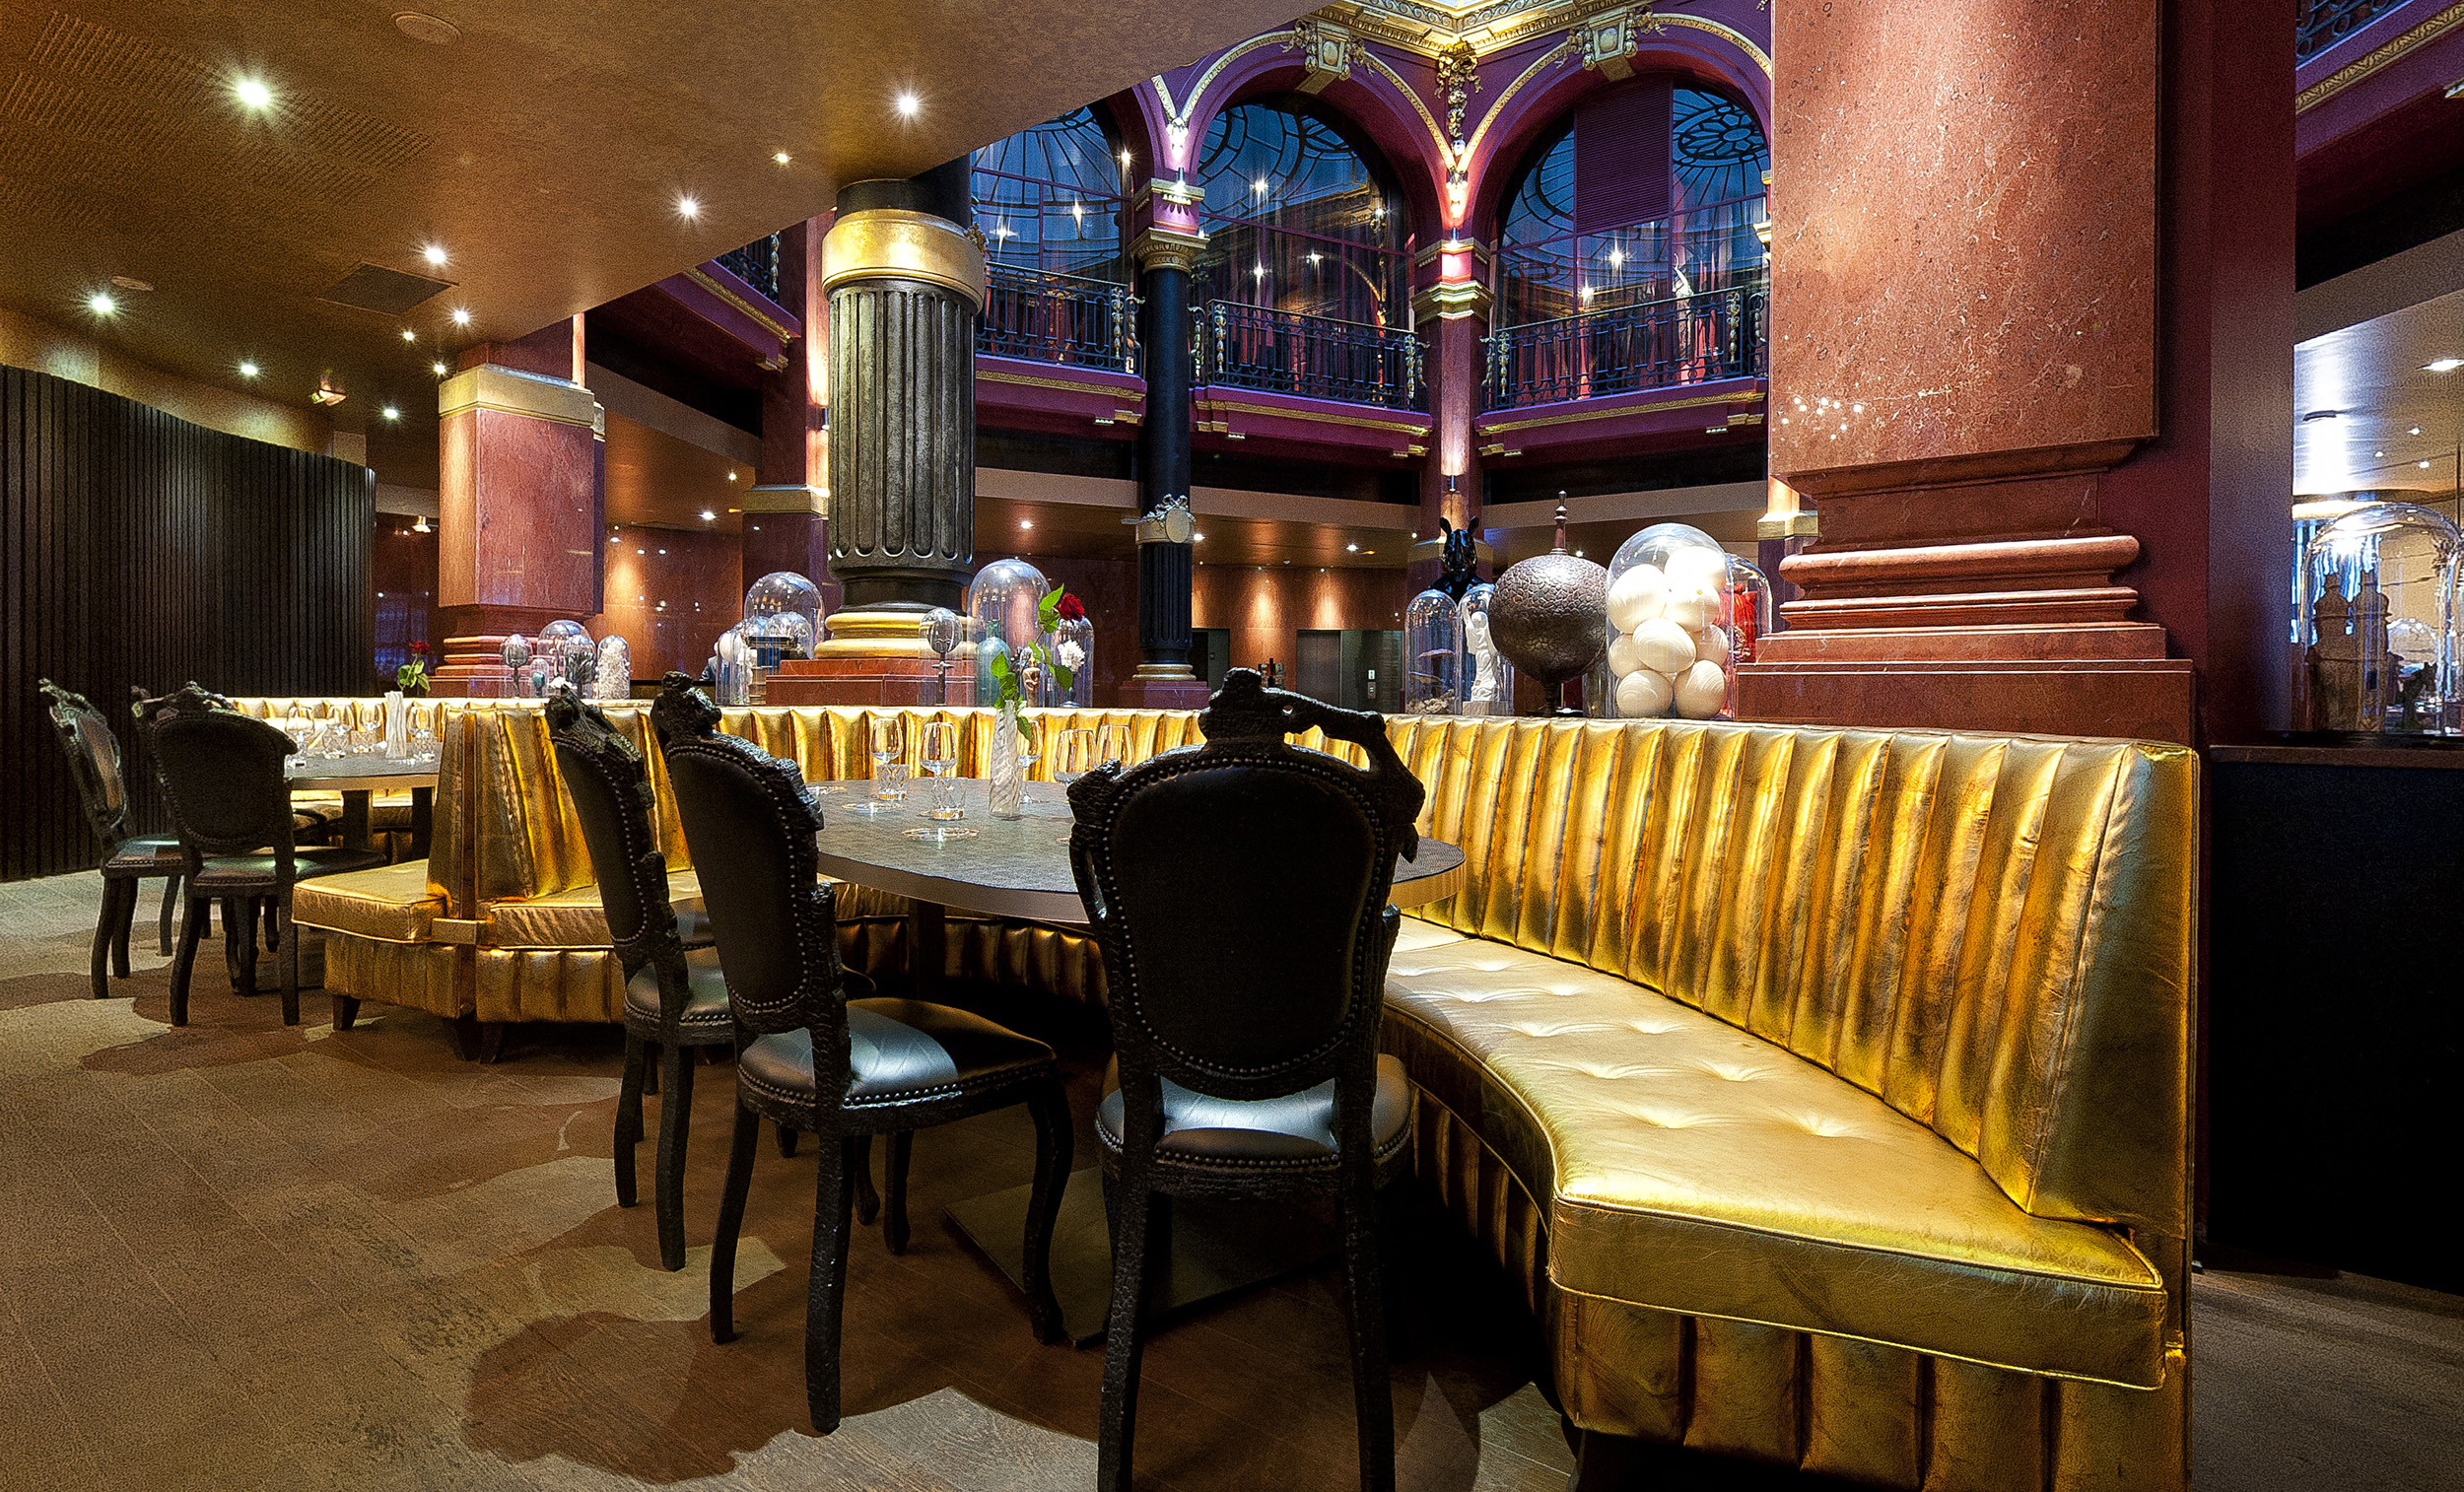 De belles banquettes dorées dans la salle du restaurant